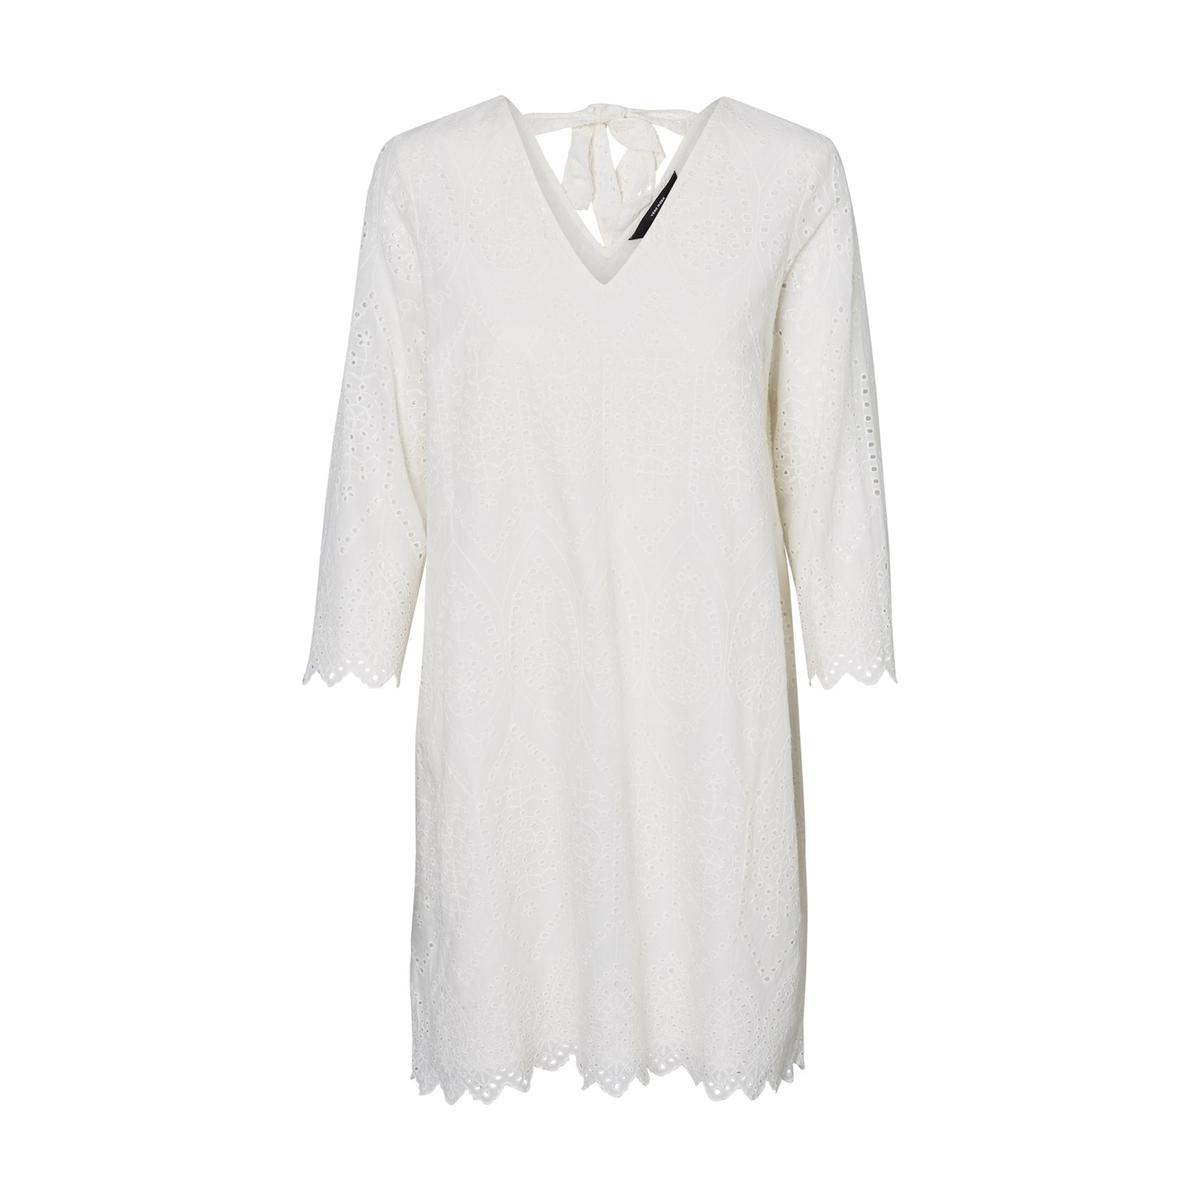 Платье La Redoute Короткое прямое с рукавами длинными XS бежевый lbellagiovanna redfushia белый бежевый xs